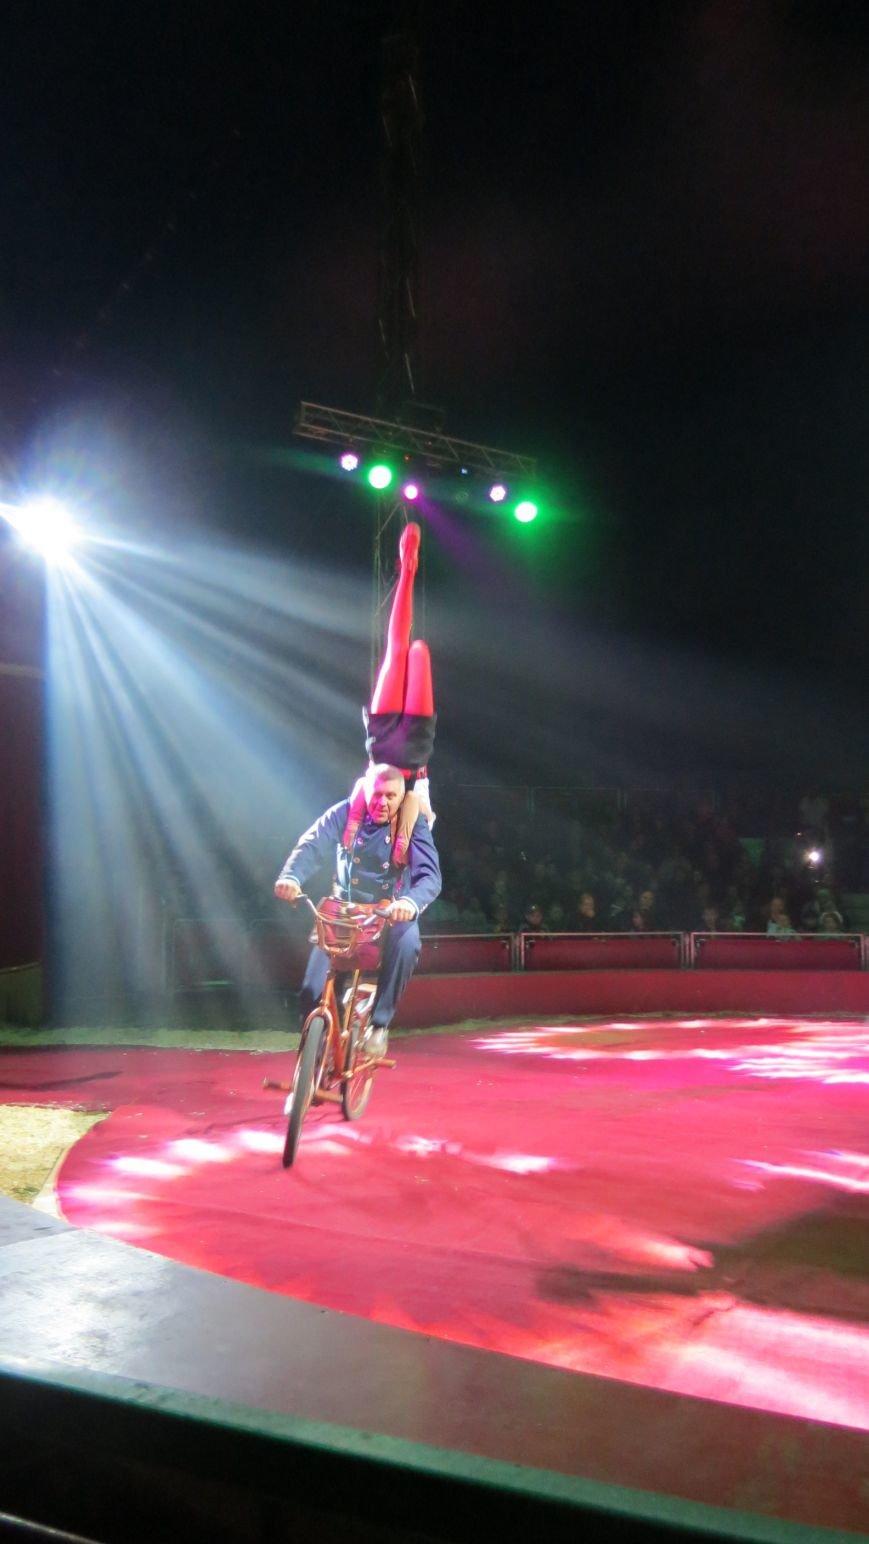 Италия приехала в Покровск: всемирно известный цирк «Кобзов» подарил горожанам 2 часа незабываемых эмоций, фото-31